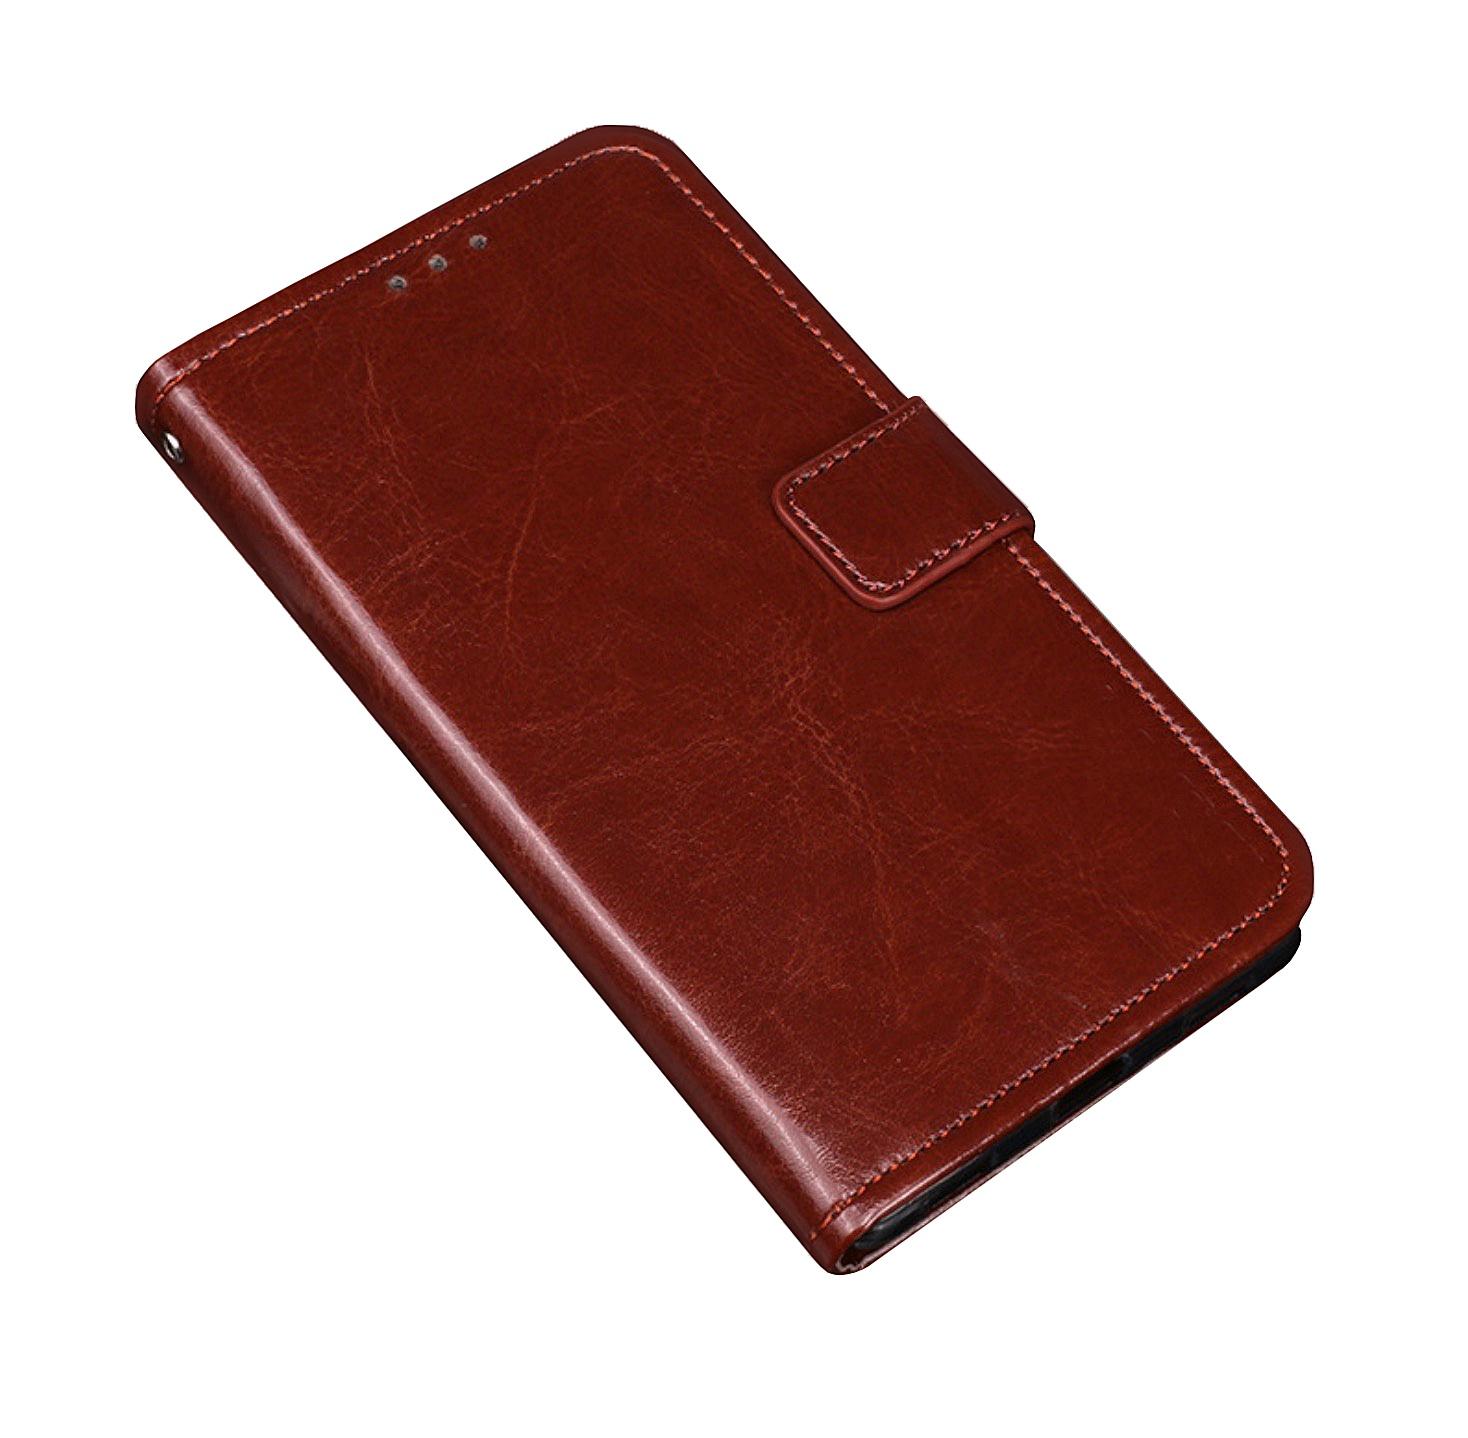 Чехол-книжка MyPads для Huawei Honor V10 / Honor View 5.99 (BKL-AL20) с мульти-подставкой застёжкой и визитницей коричневый